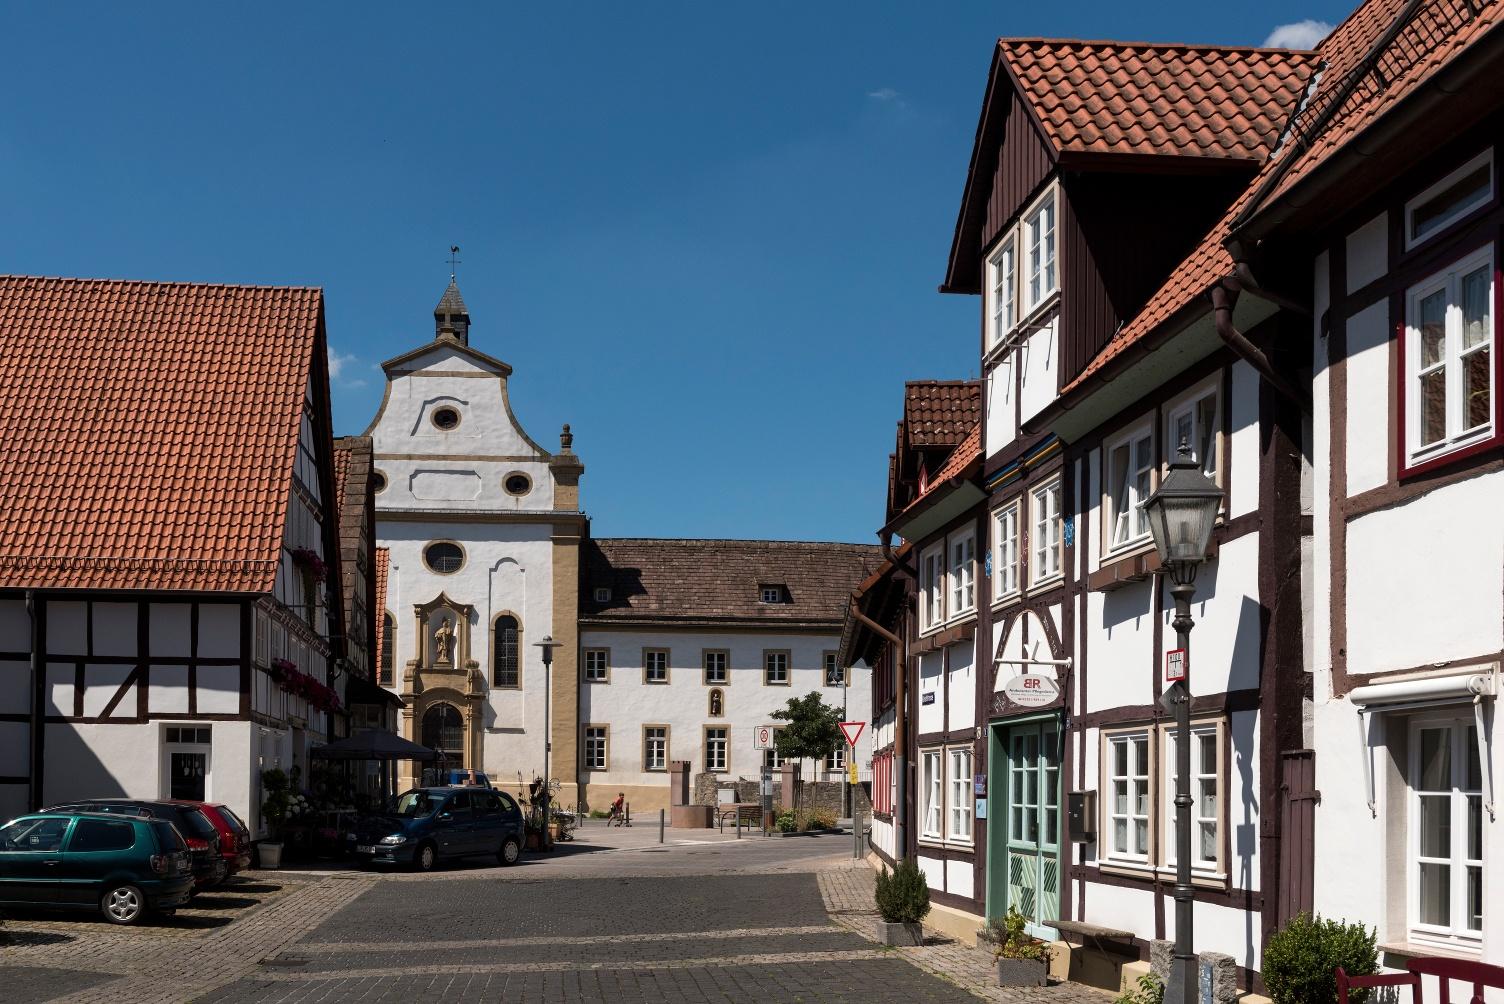 ehemaliges Franziskanerkloster und Fachwerk in Lügde